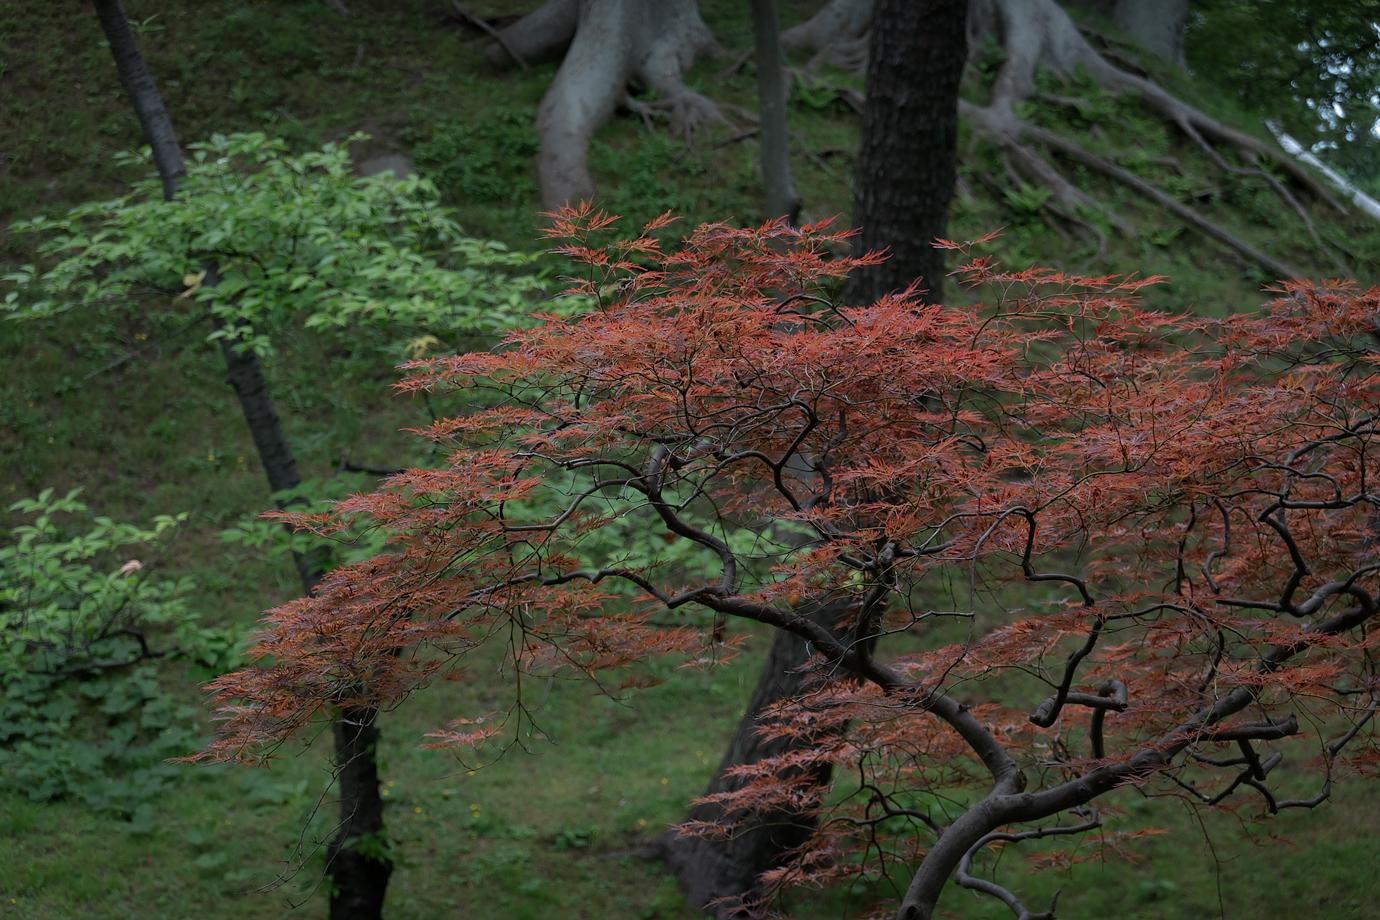 紅葉色の葉をつけた木